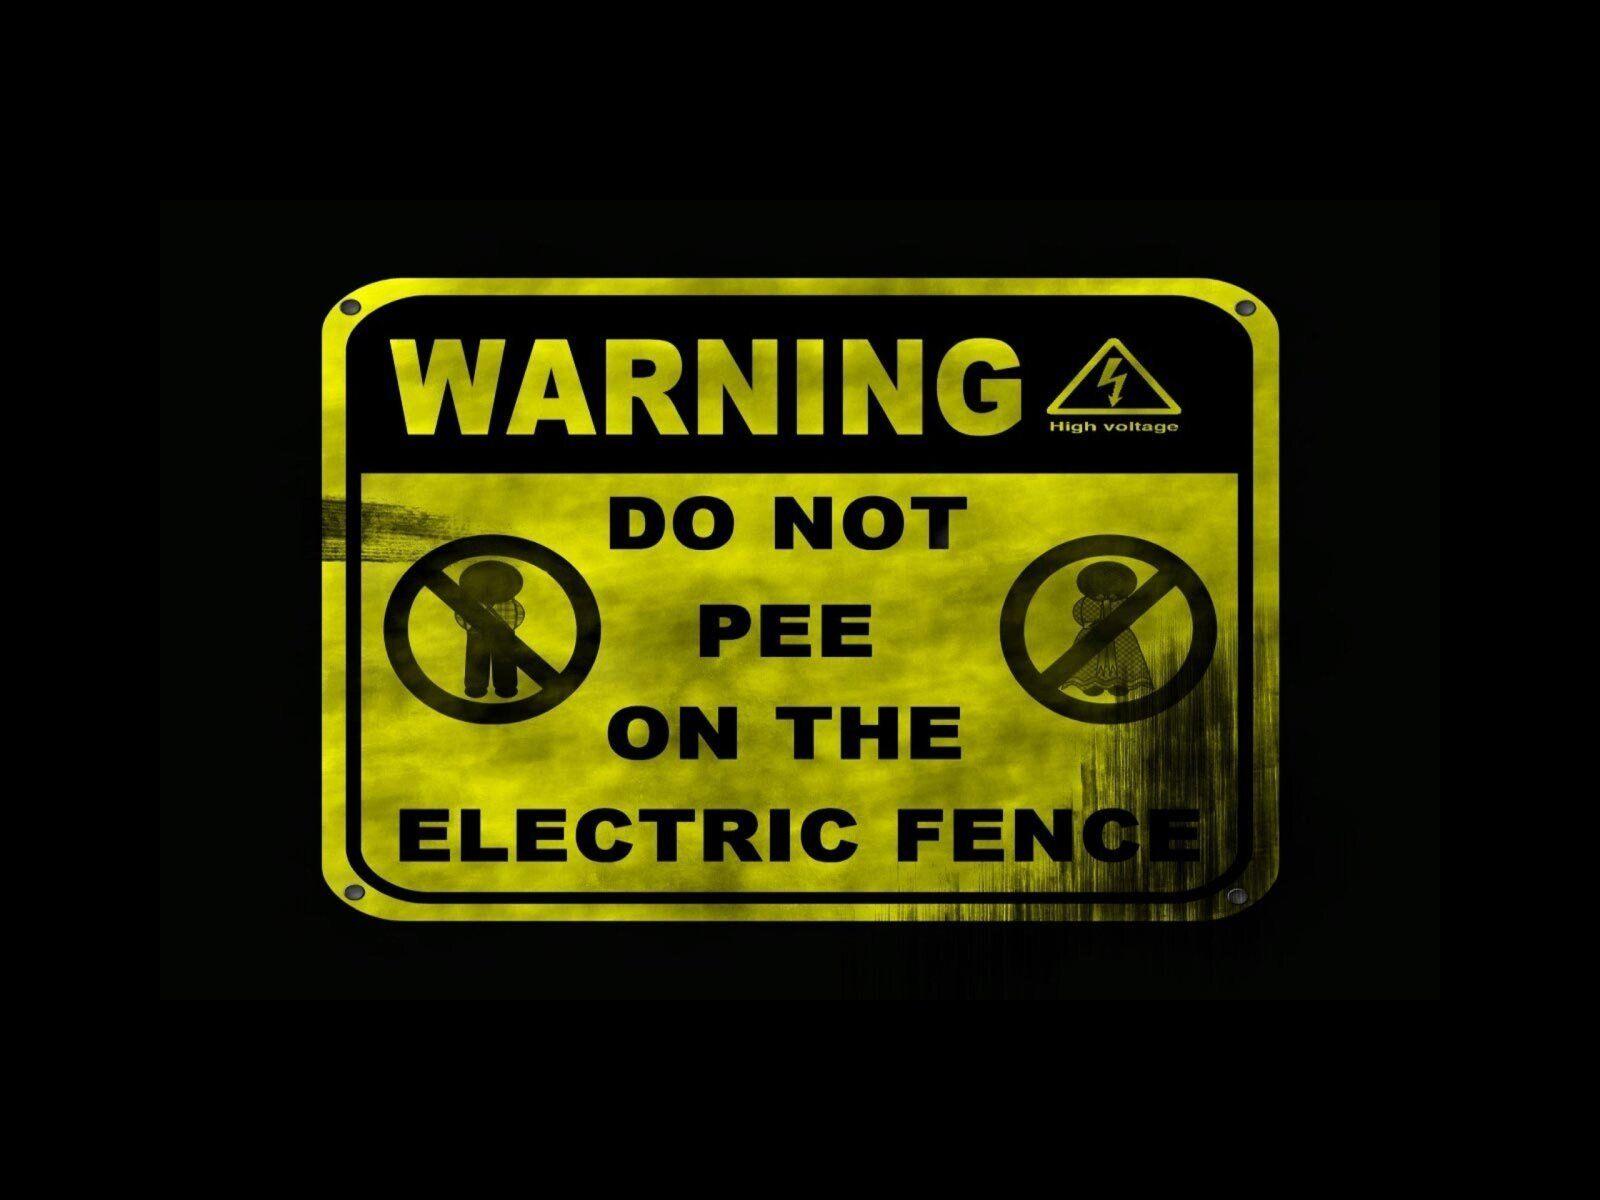 warning-1631346869626-3651.jpg